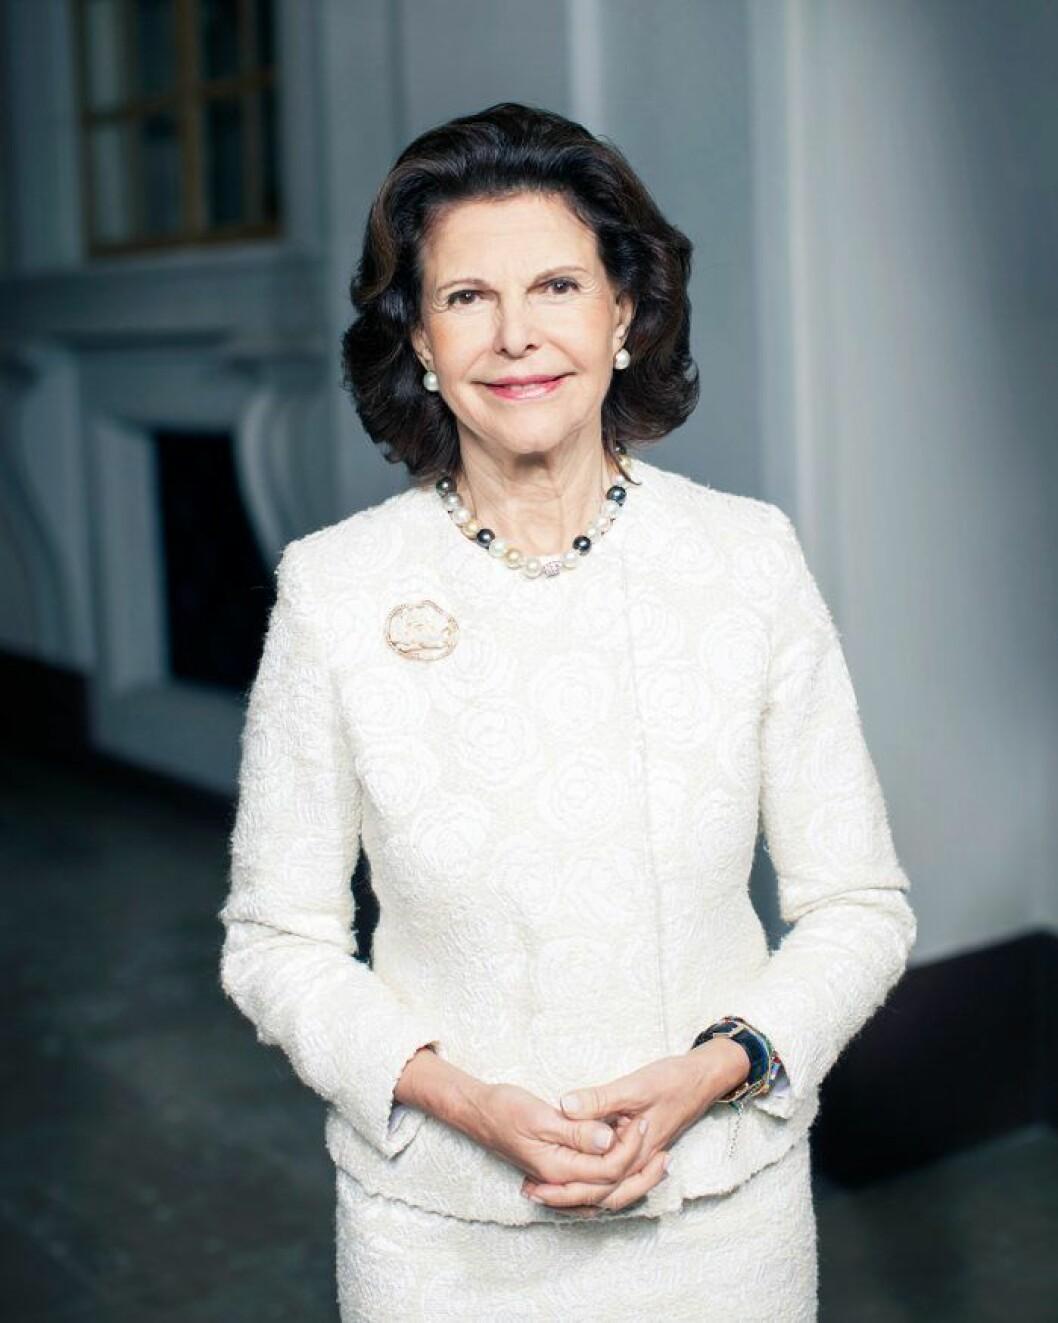 Den 23 december fyller drottning Silvia 76 år.